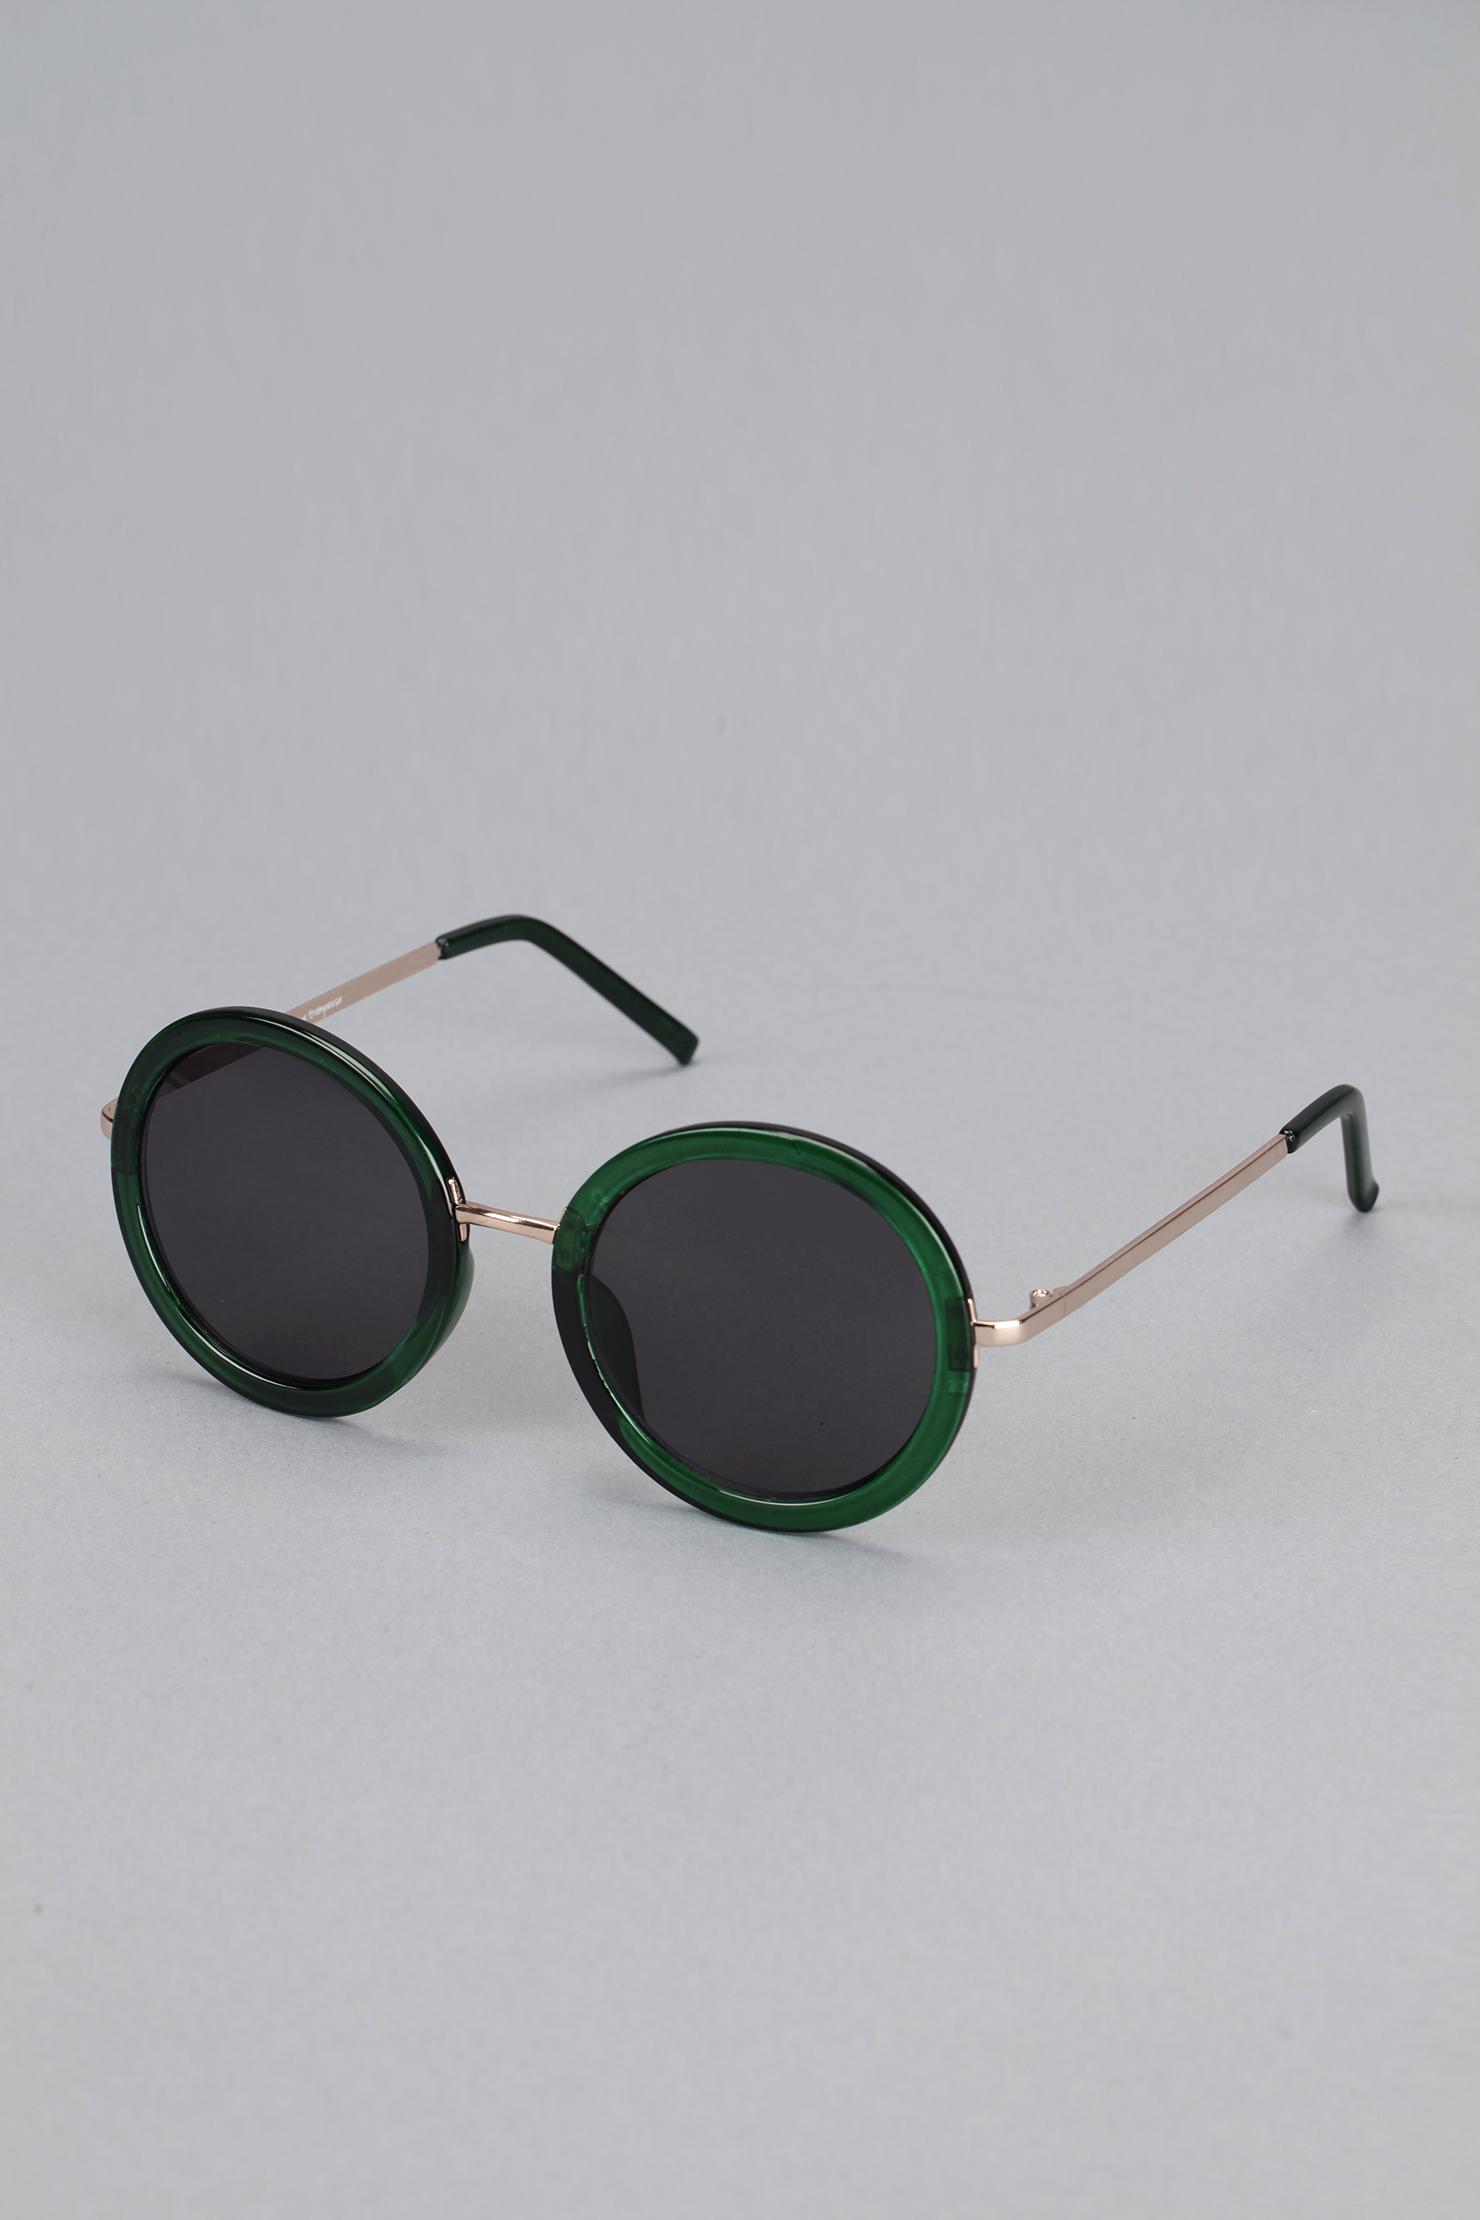 72c67aac71 Lunettes de soleil rondes monture verte - Iyü Design